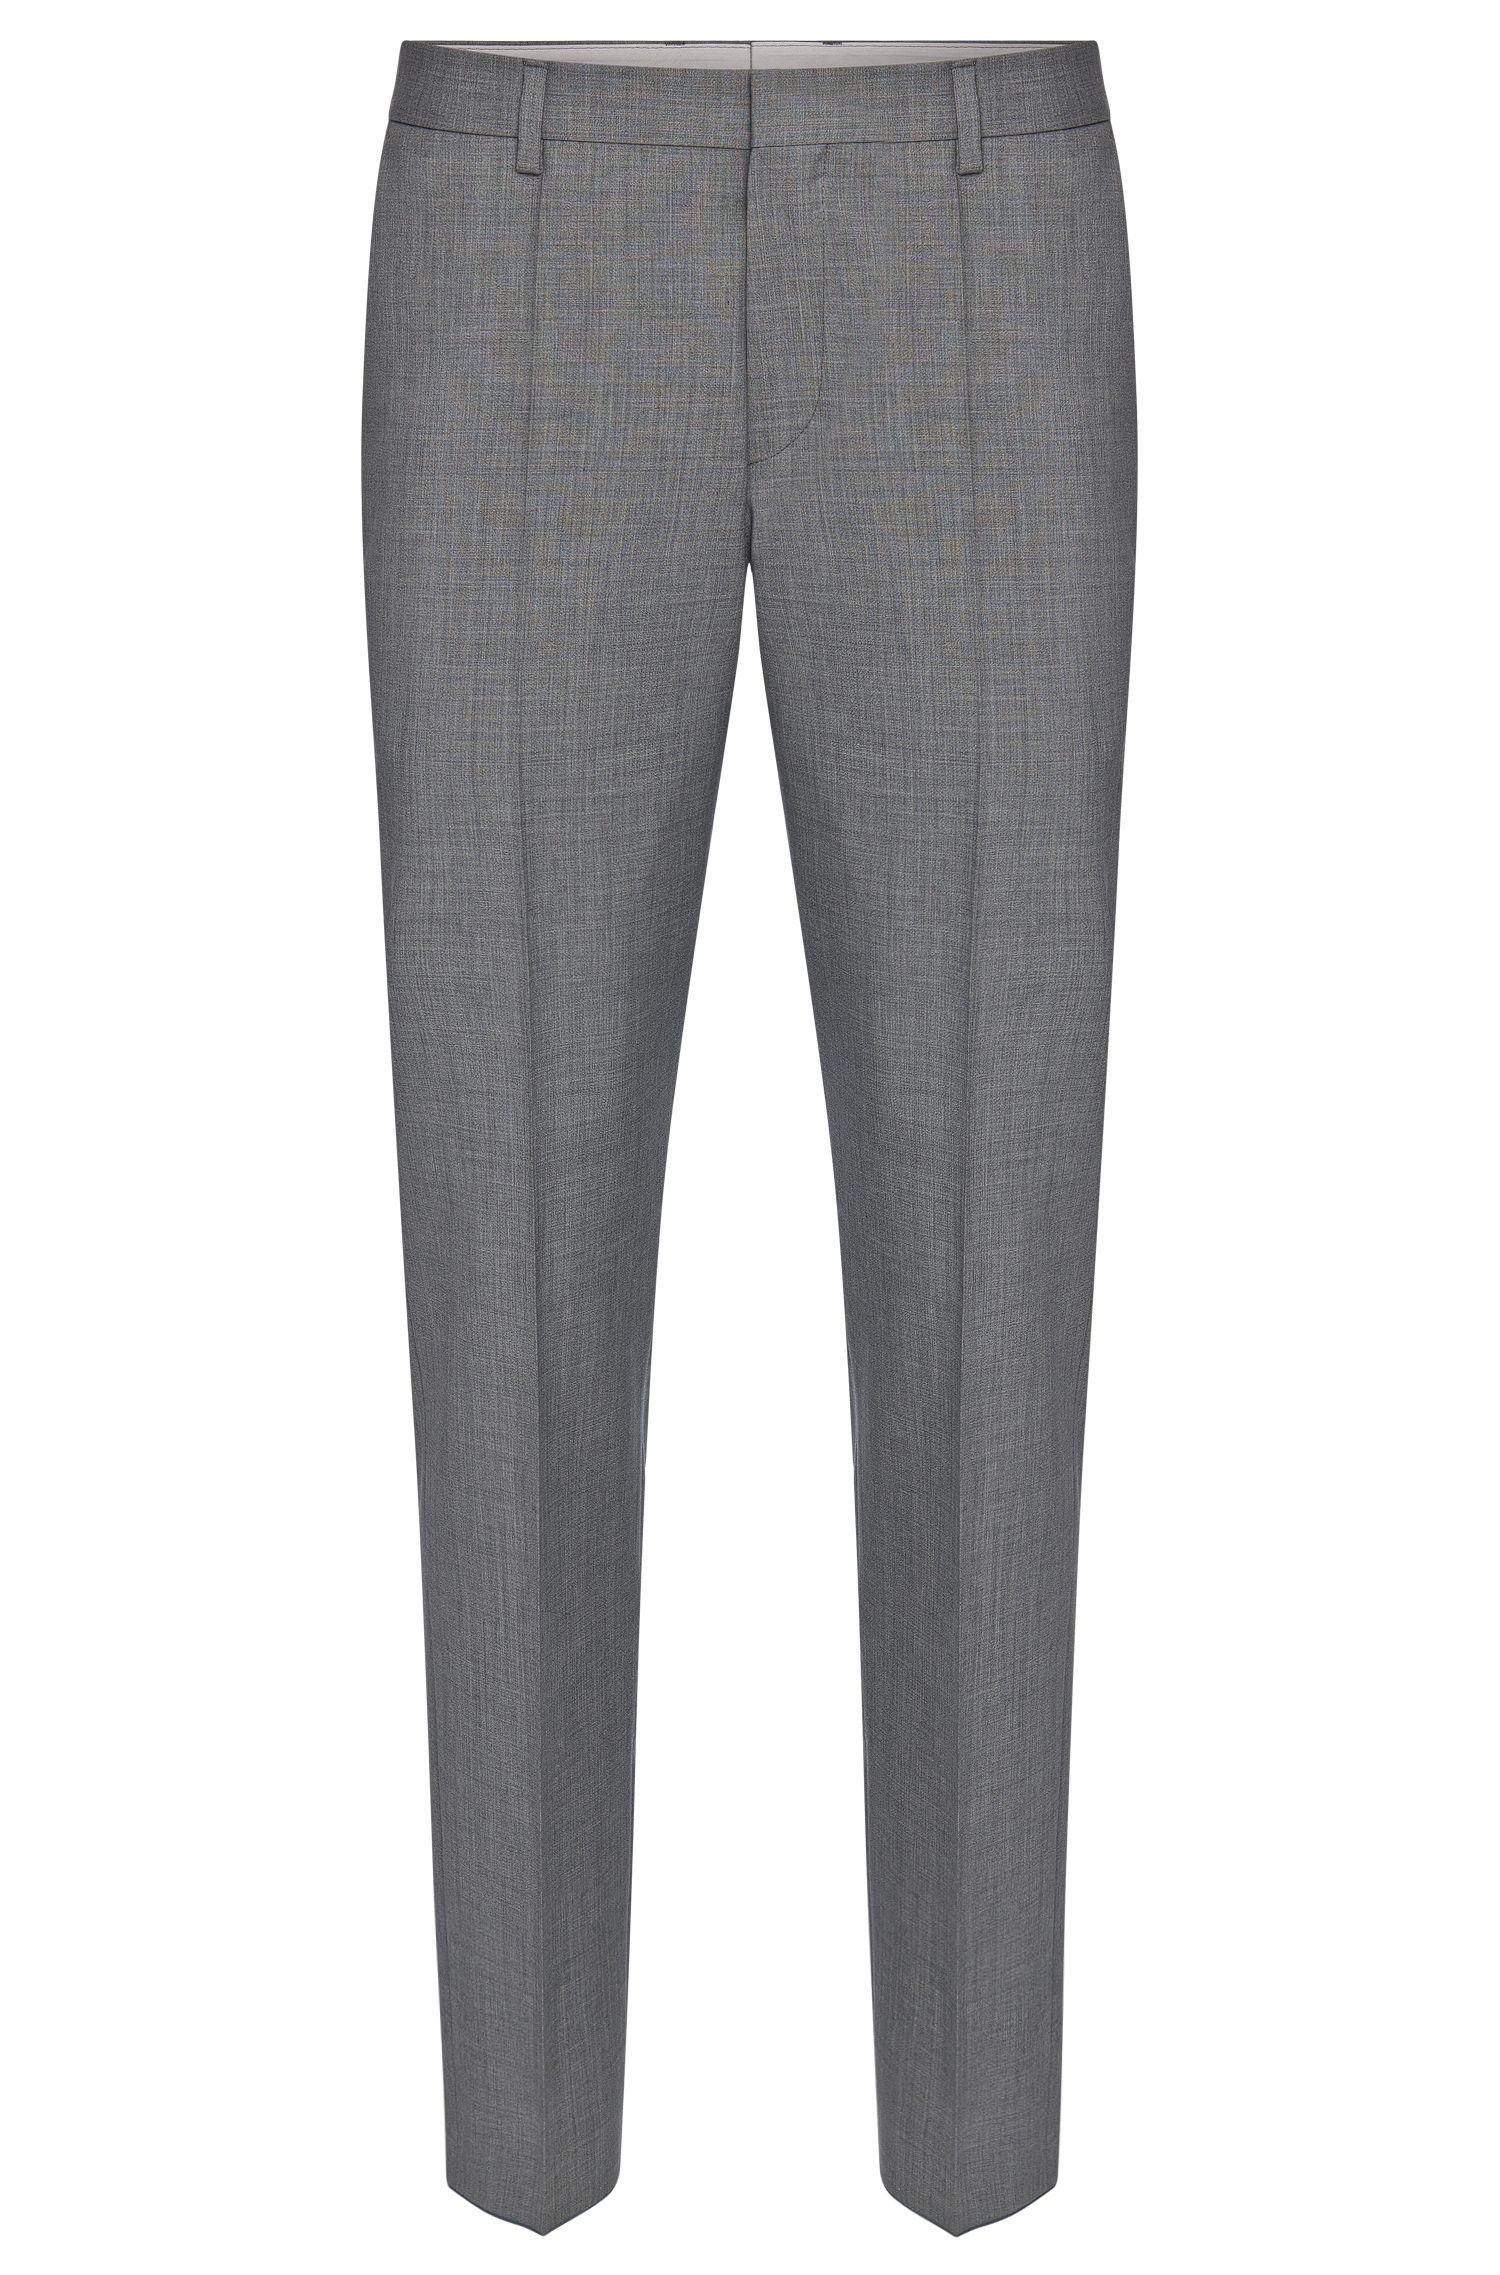 'Genesis'   Slim Fit, Virgin Wool Cashmere Dress Pants